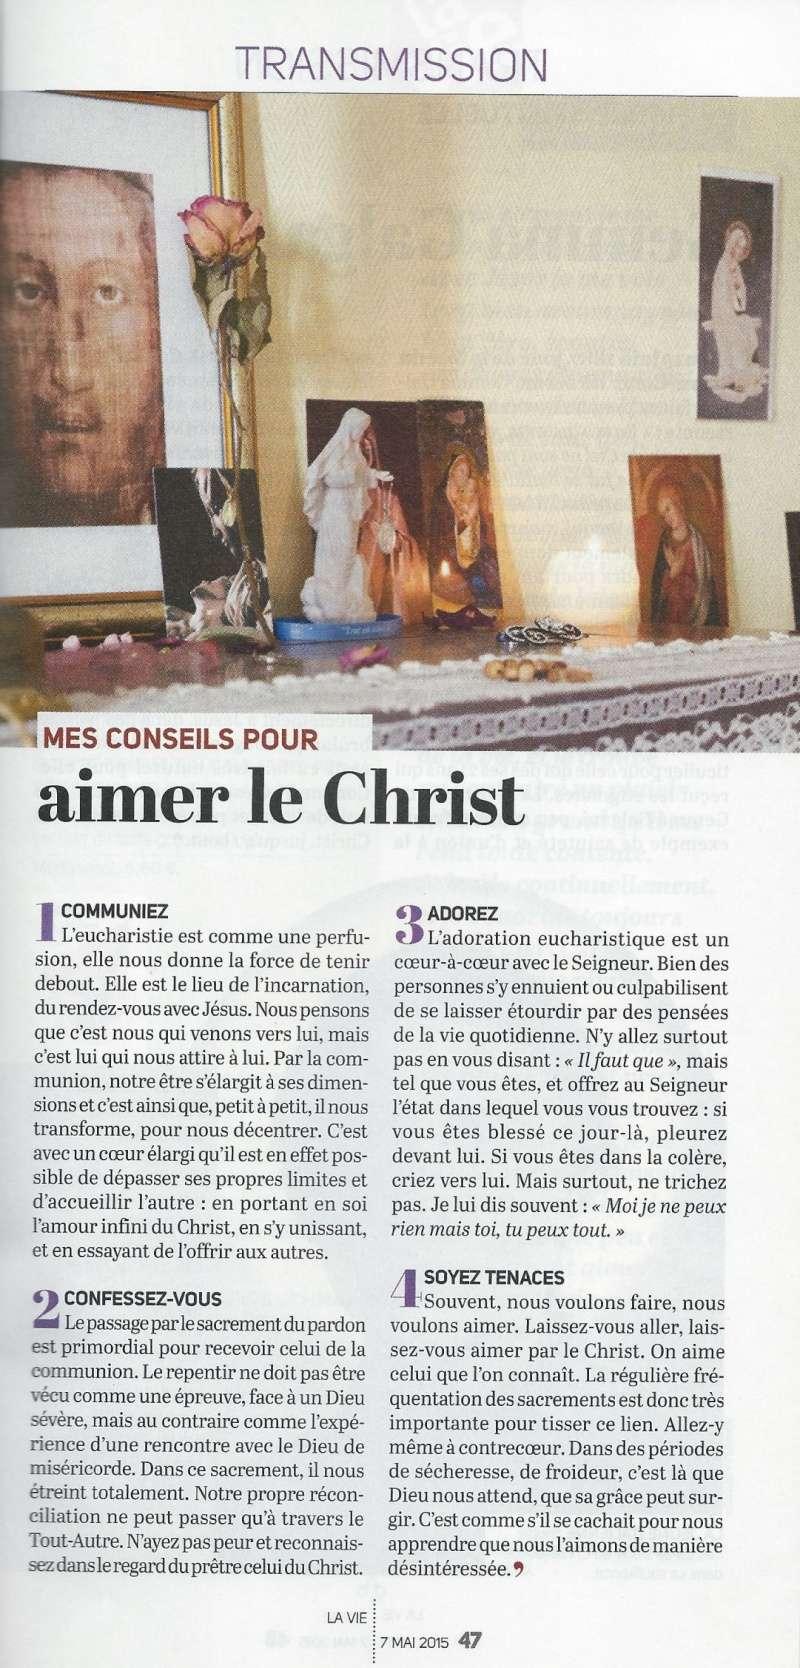 La très touchante conversion de Véronique Lévy au Catholicisme - Page 2 Lavie510